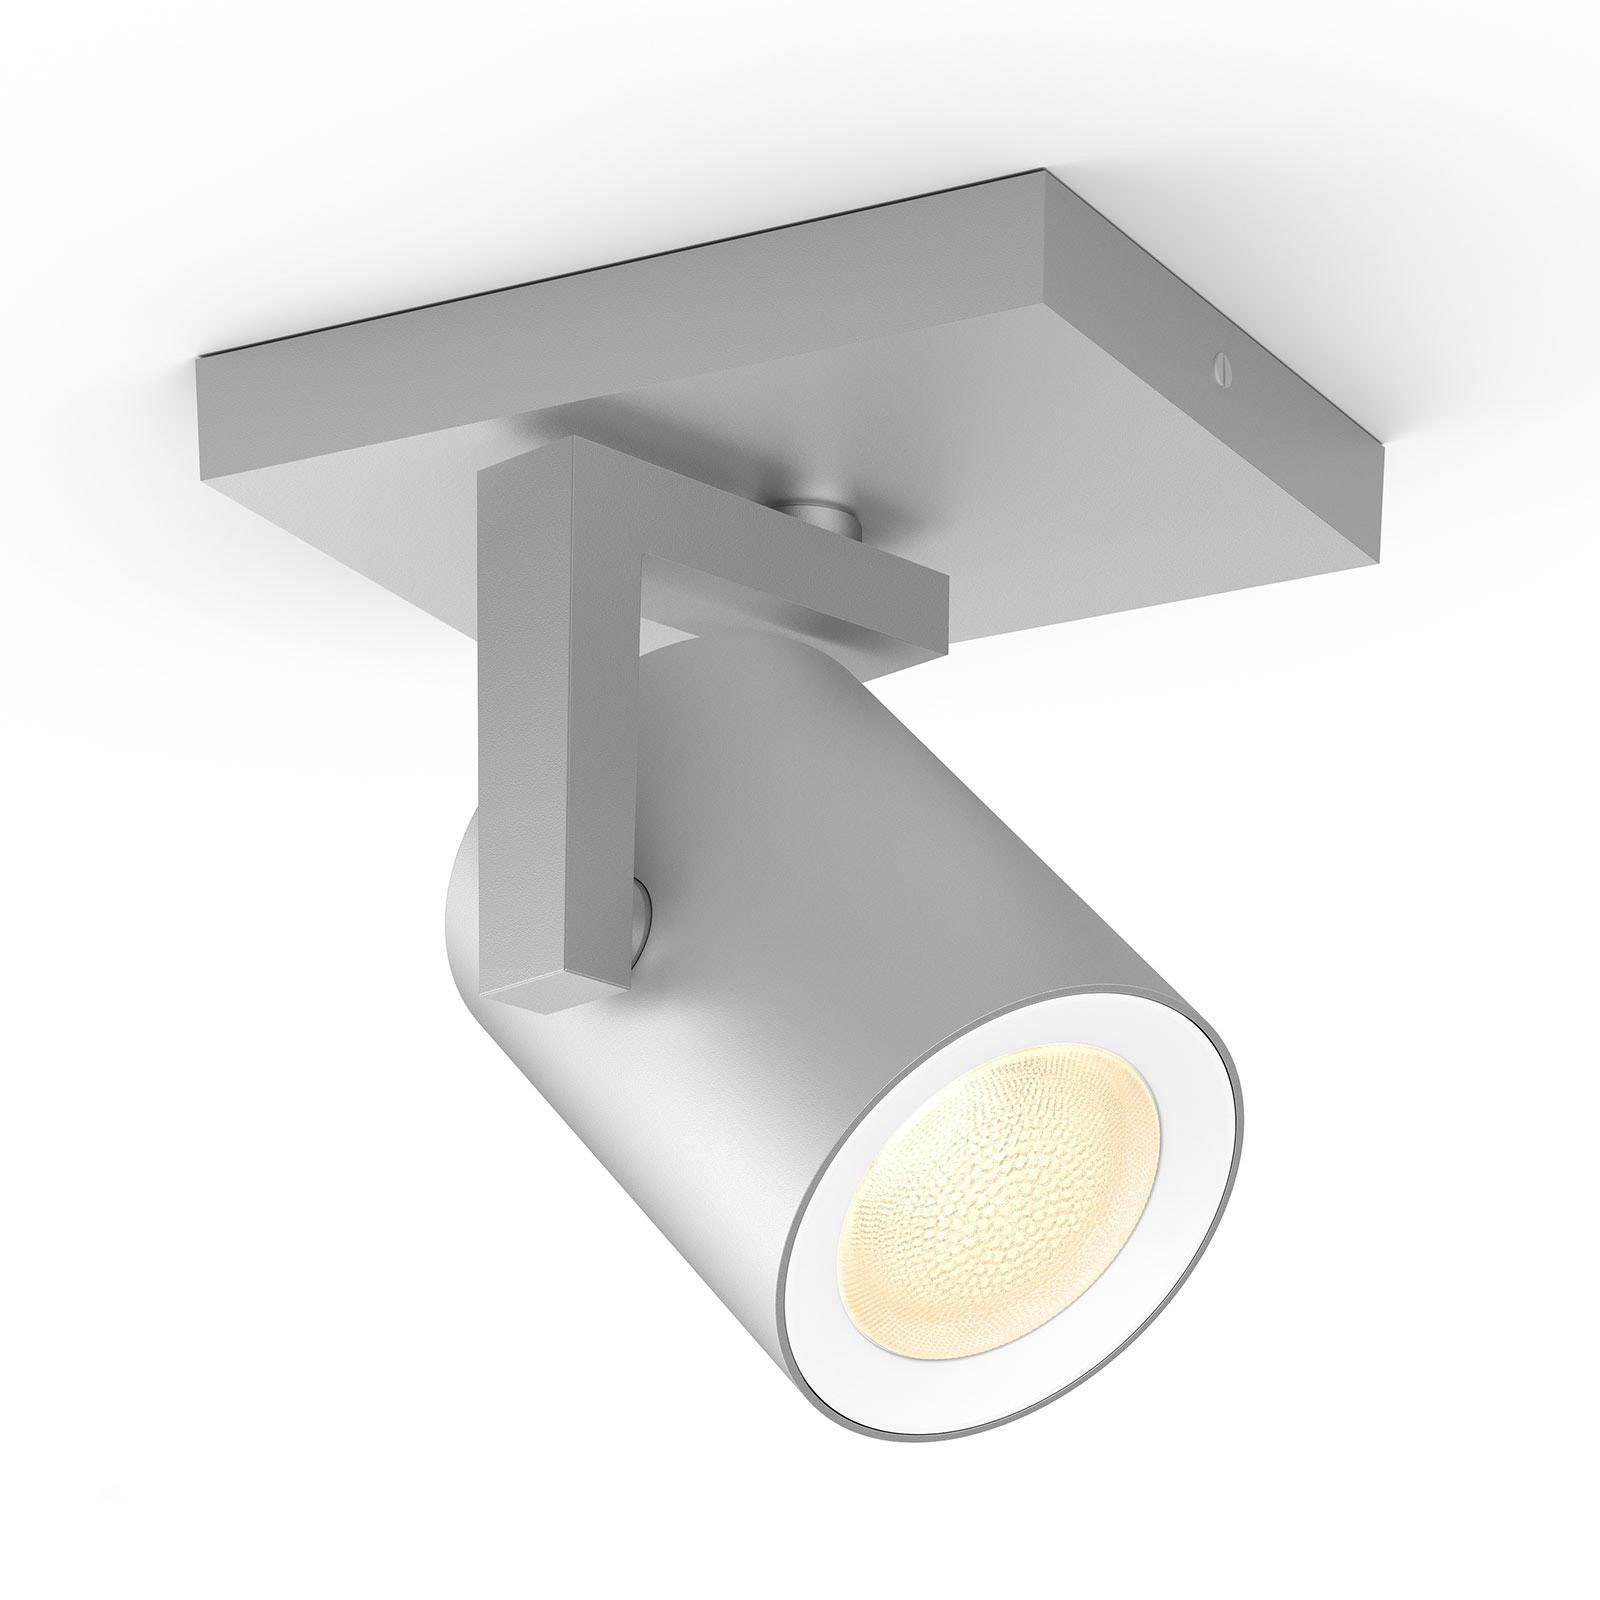 Philips Hue Argenta LED-spotti 1-lamppuinen alu